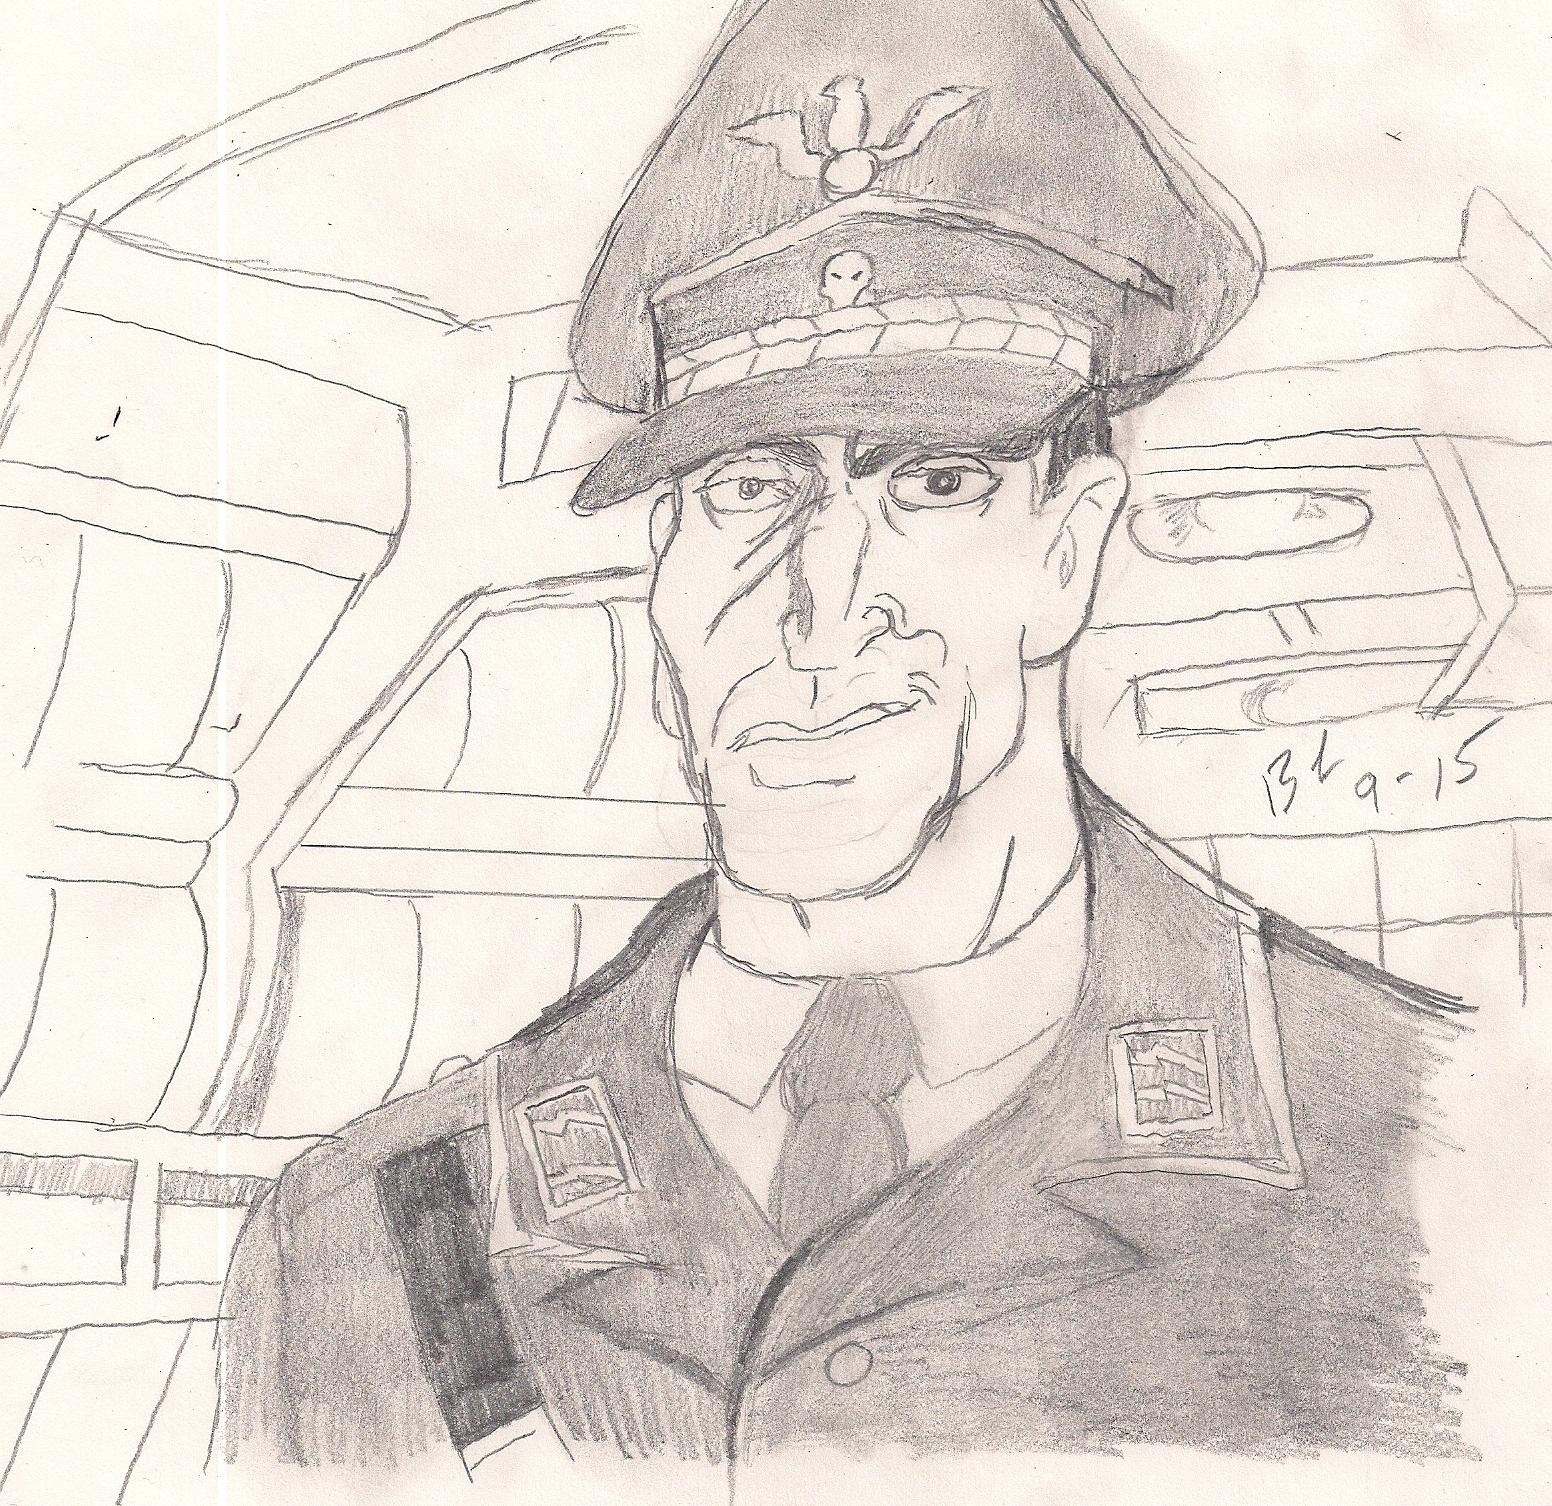 Herr Kleiser by Bobby77